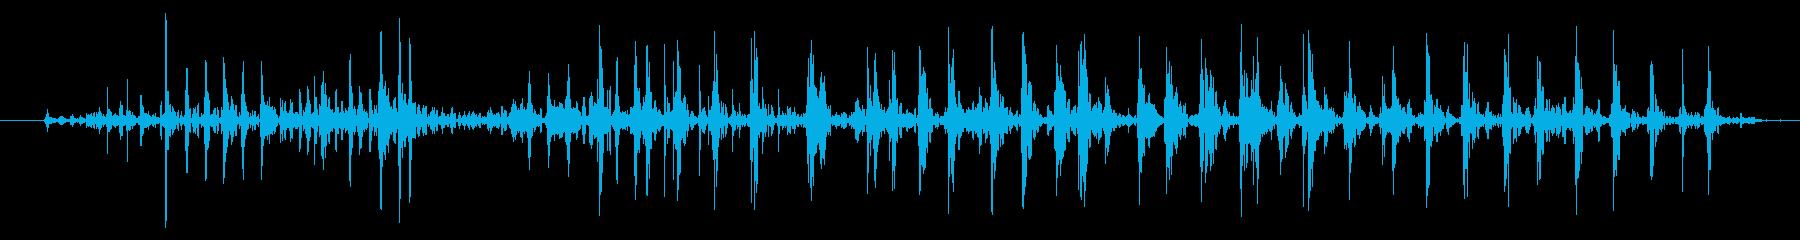 バルーンラビングクリーク、コメディ...の再生済みの波形